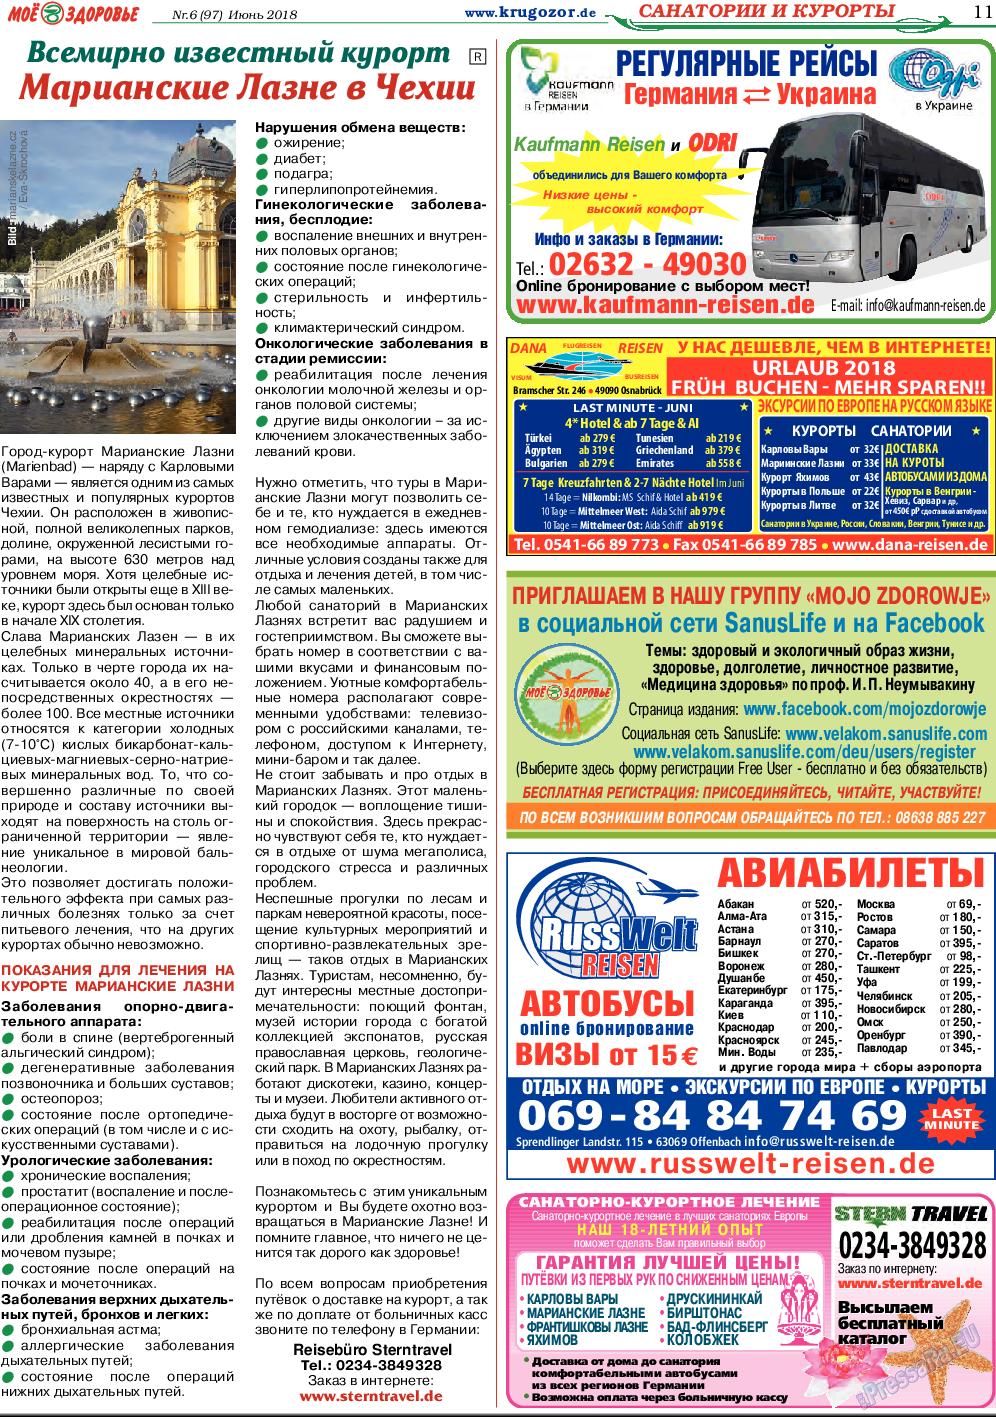 Кругозор (газета). 2018 год, номер 6, стр. 11